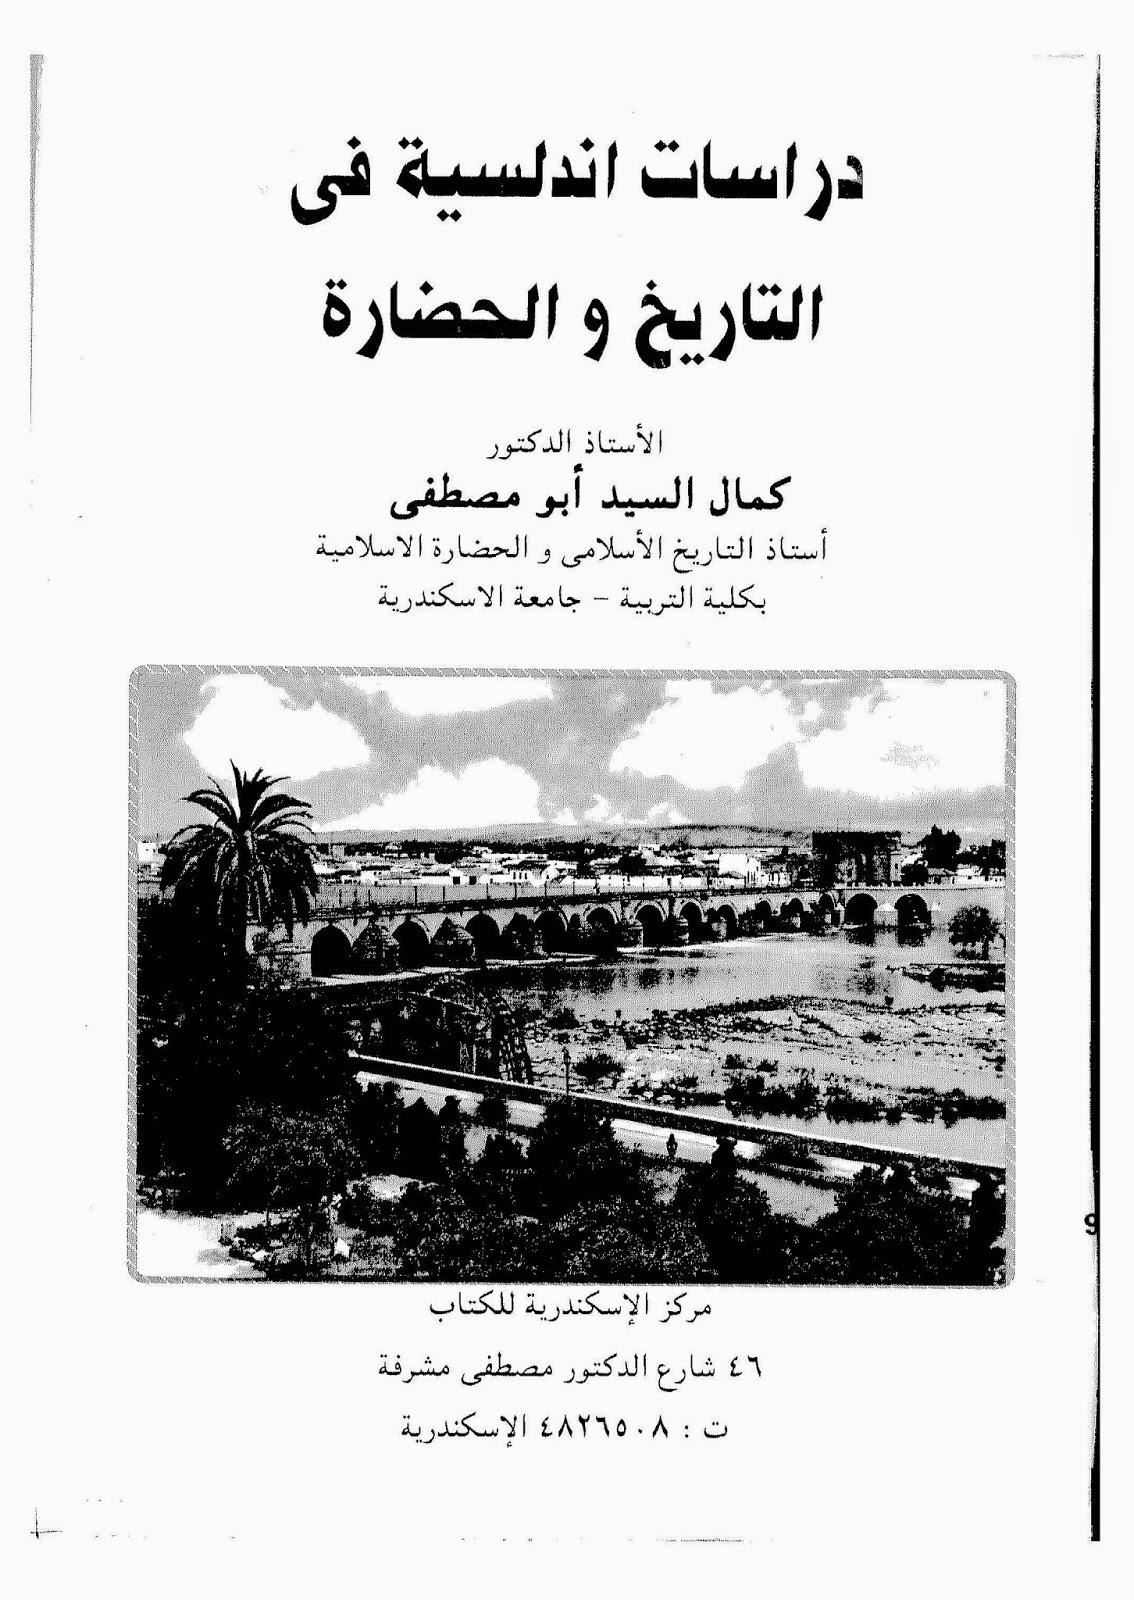 دراسات أندلسية في التاريخ والحضارة لـ كمال السيد أبو مصطفى